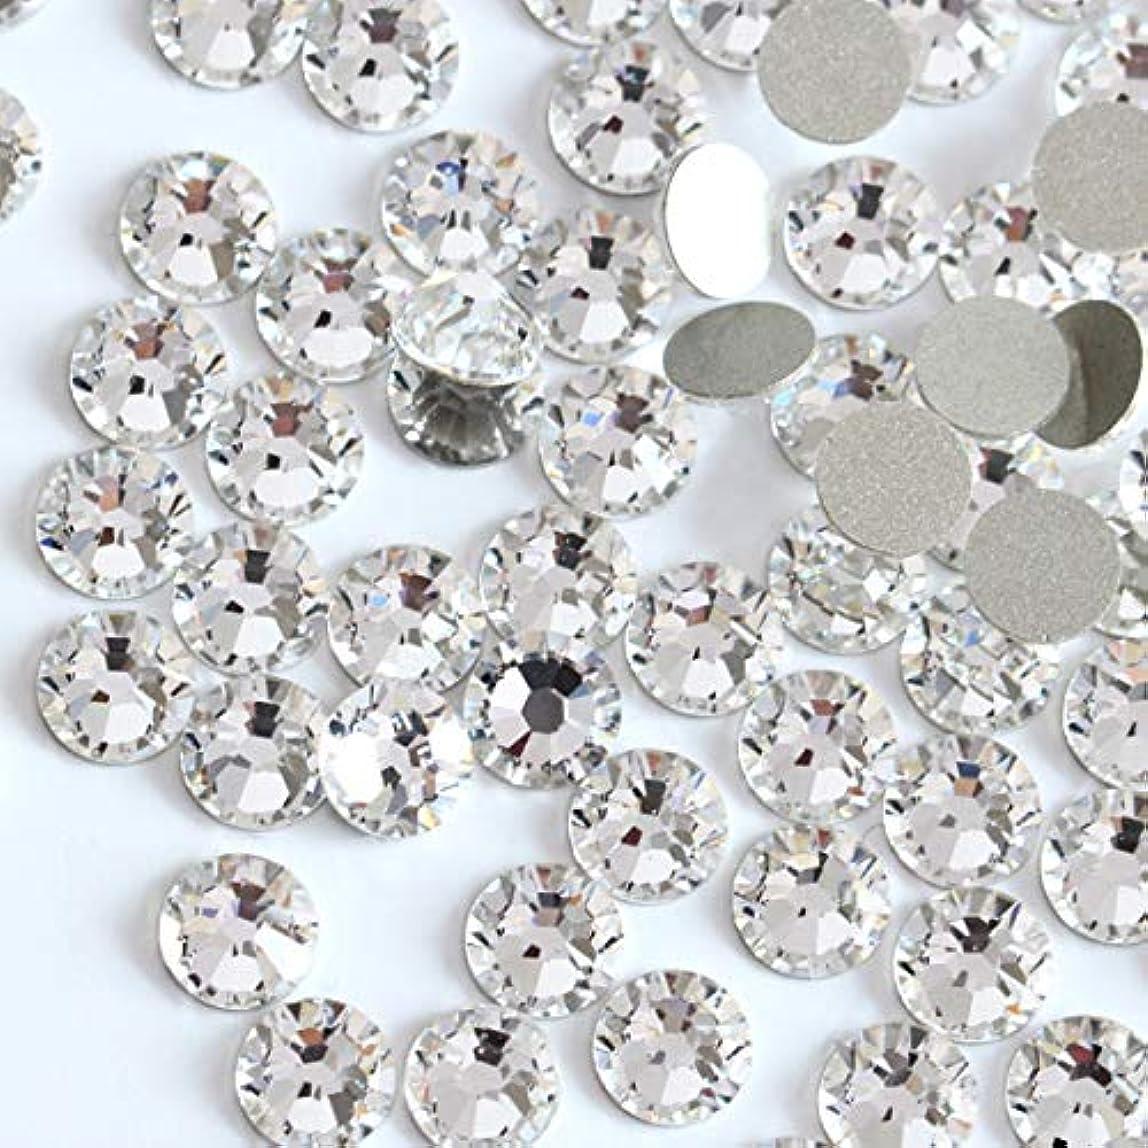 共産主義者解き明かすうまれた【ラインストーン77】高品質ガラス製ラインストーン クリスタル SS3(1.3mm)約1440粒